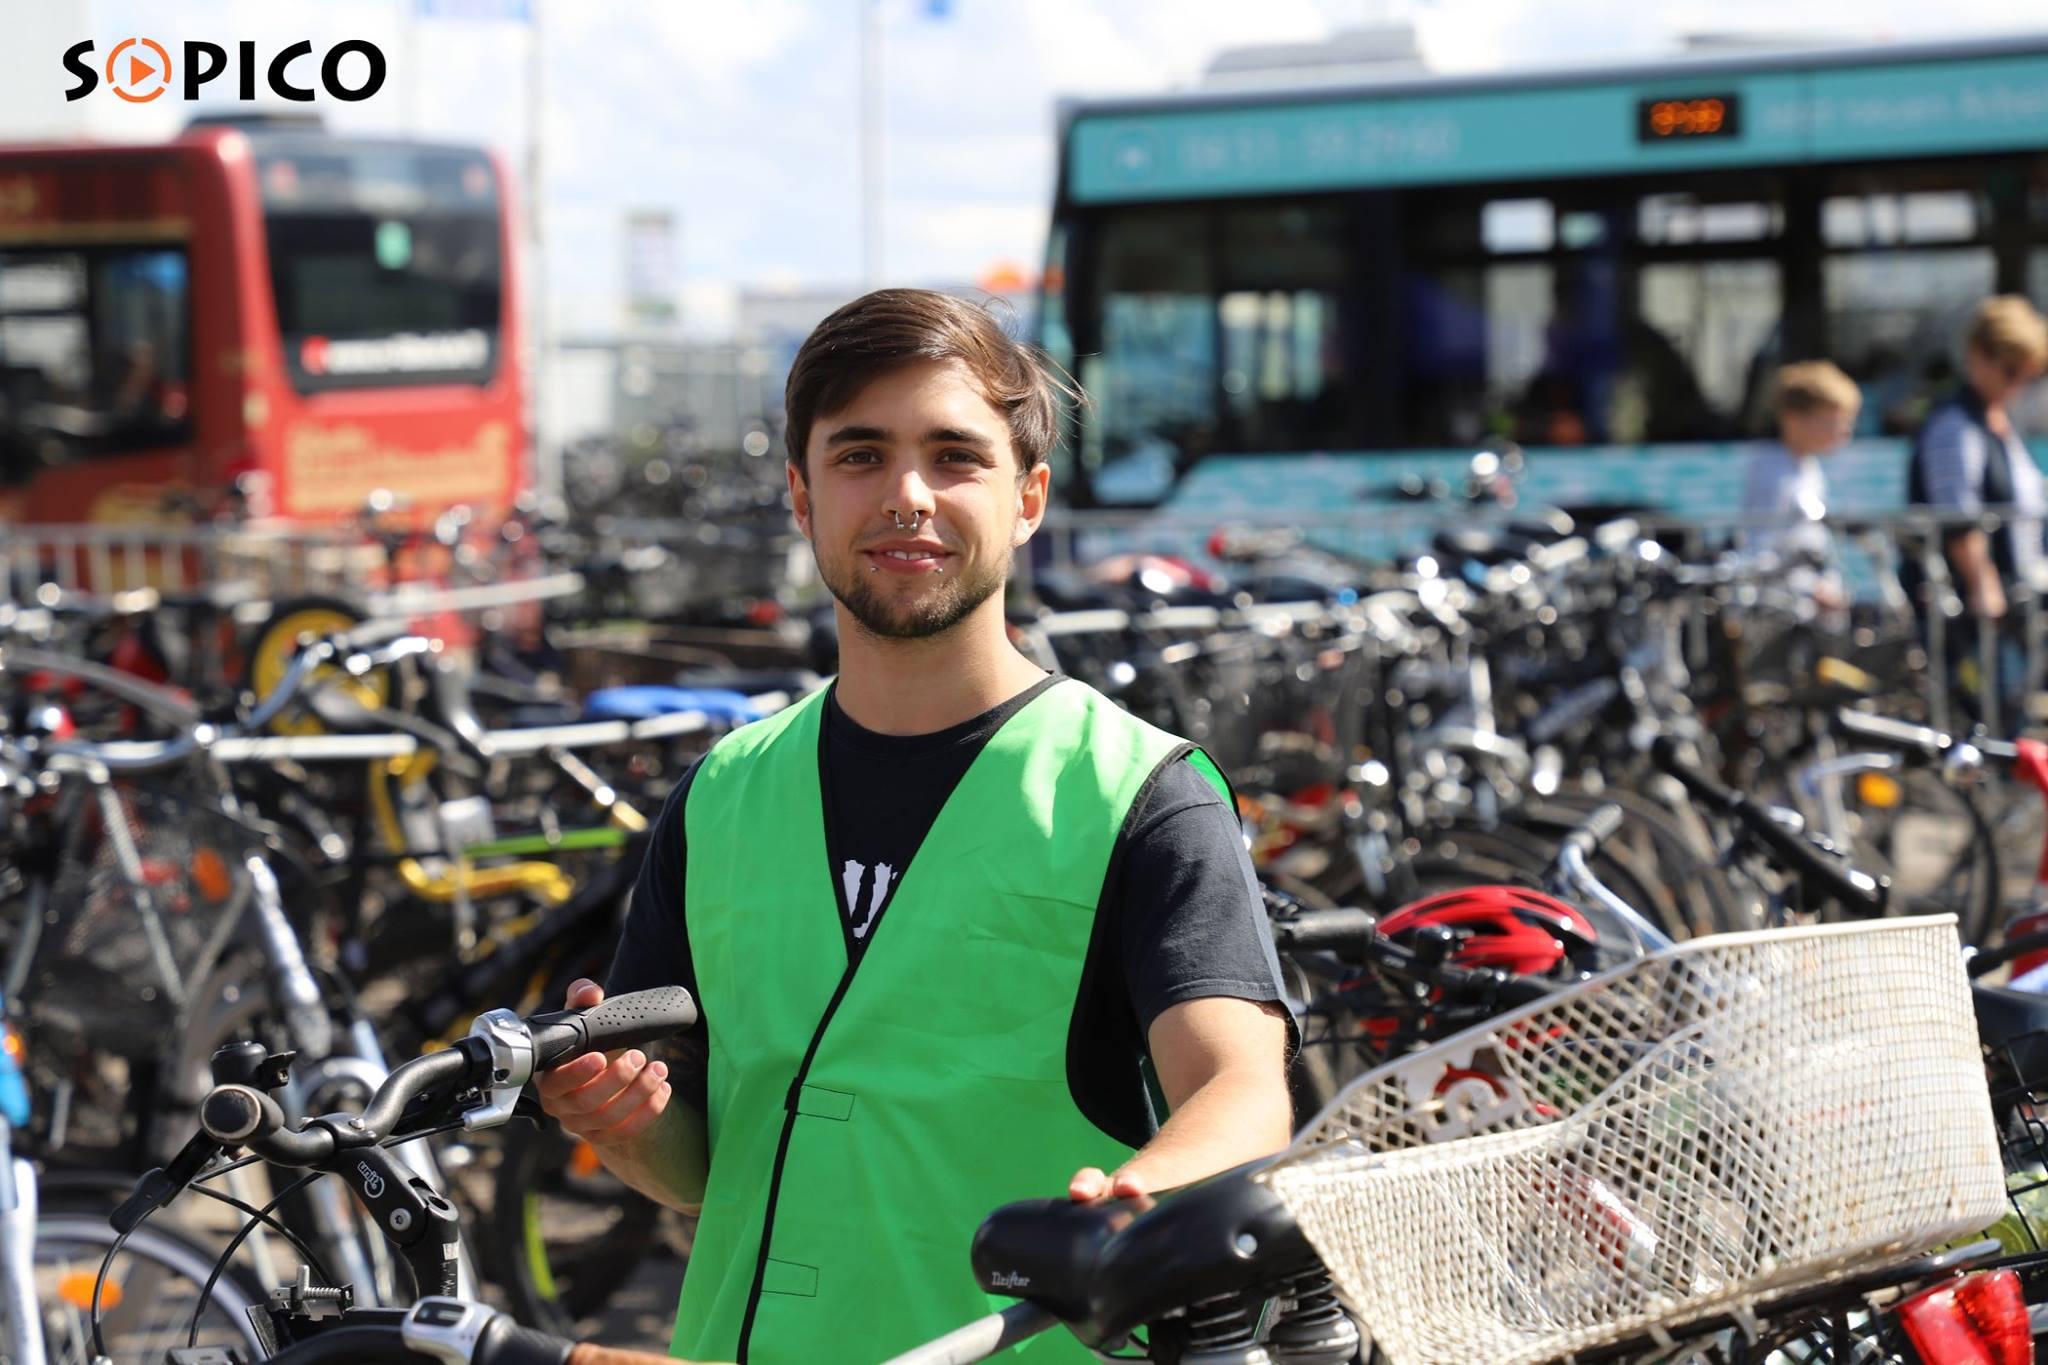 Fahrrad Sammelstelle 100 Jahre Flughafen Lübeck